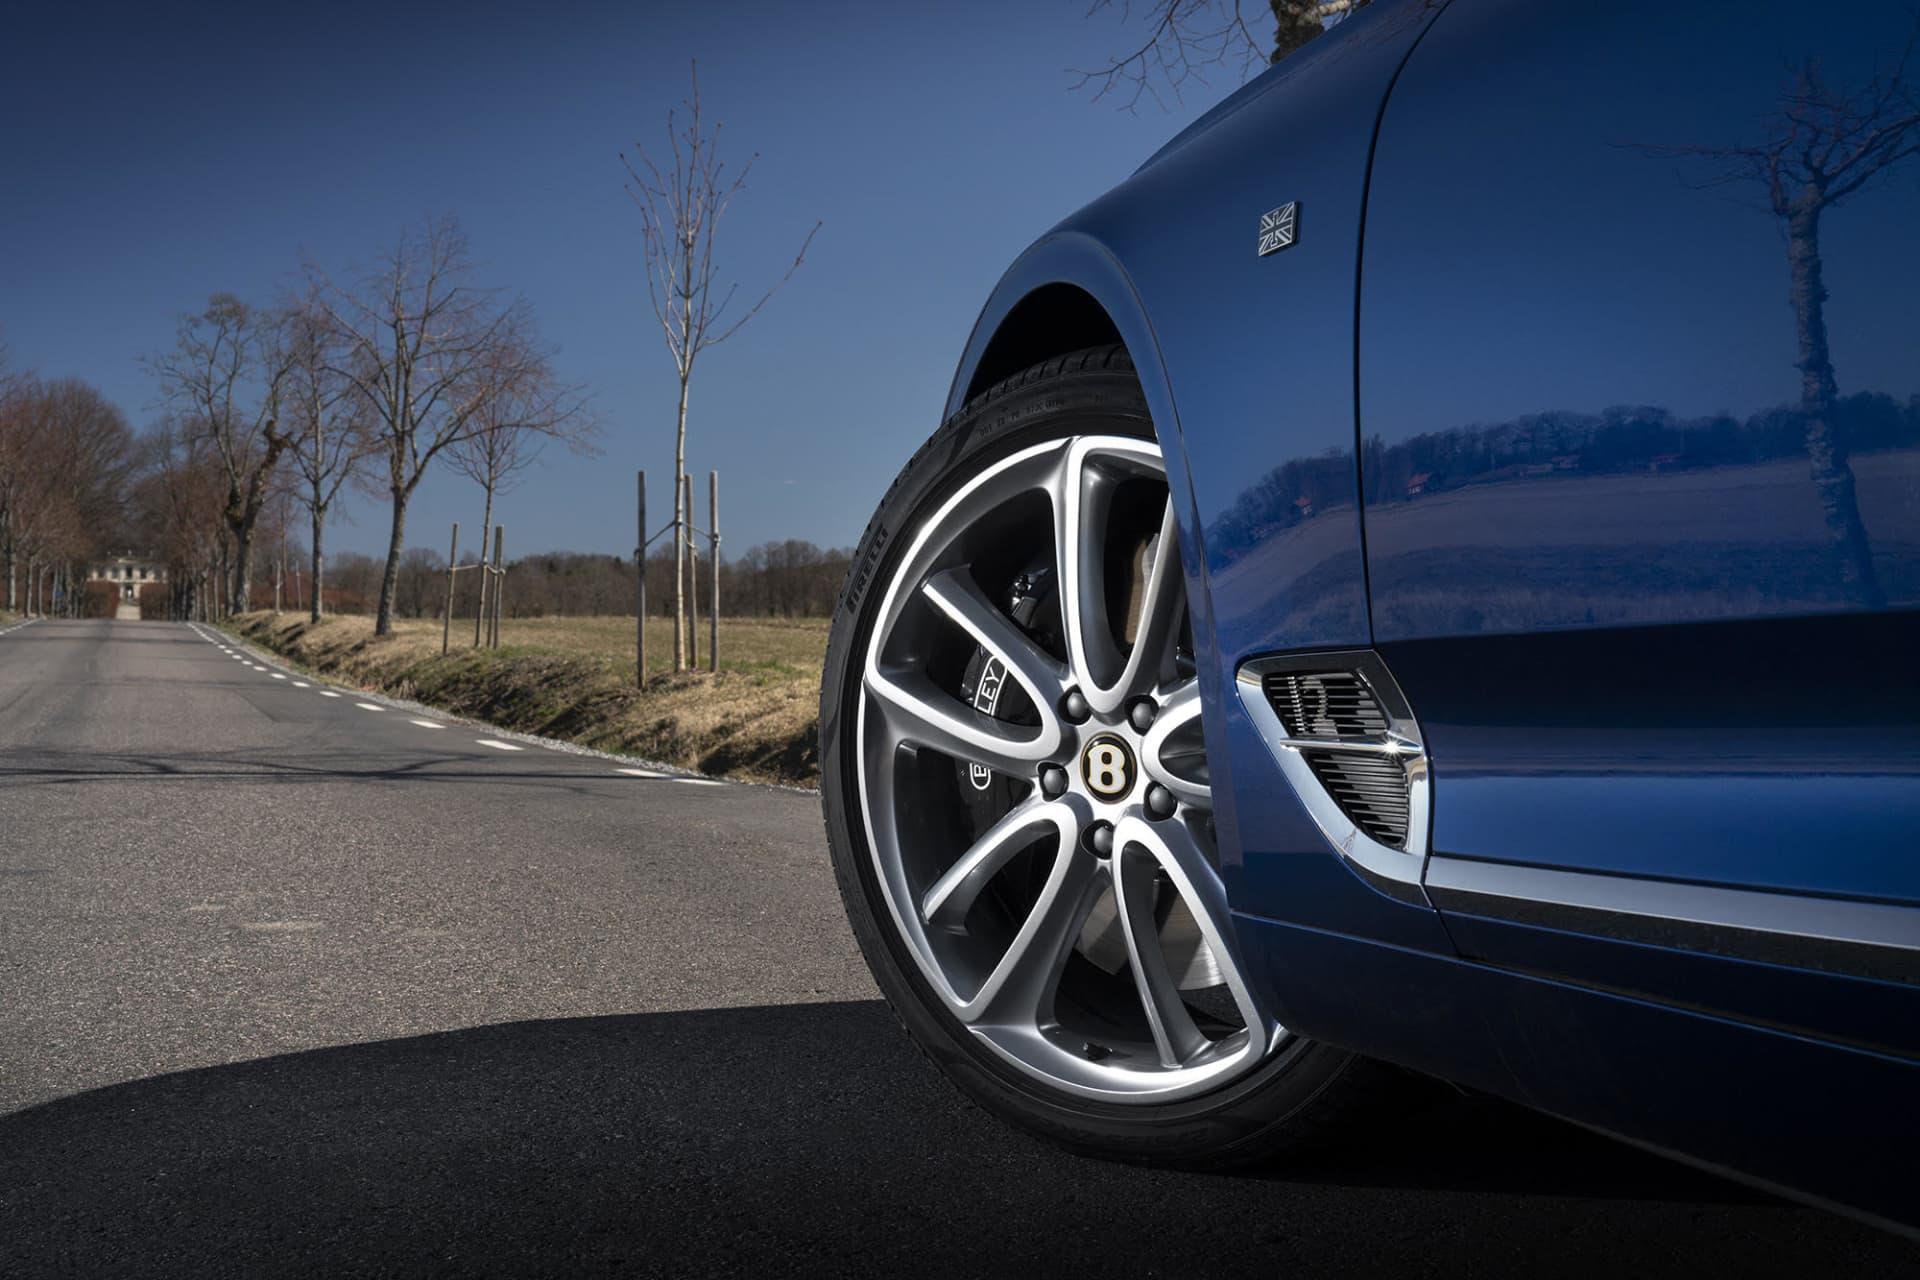 Med numret tolv i siffror diskret placerat i ett kromad B på sidan avslöjar Continental GT Convertible motorns antal cylindrar.